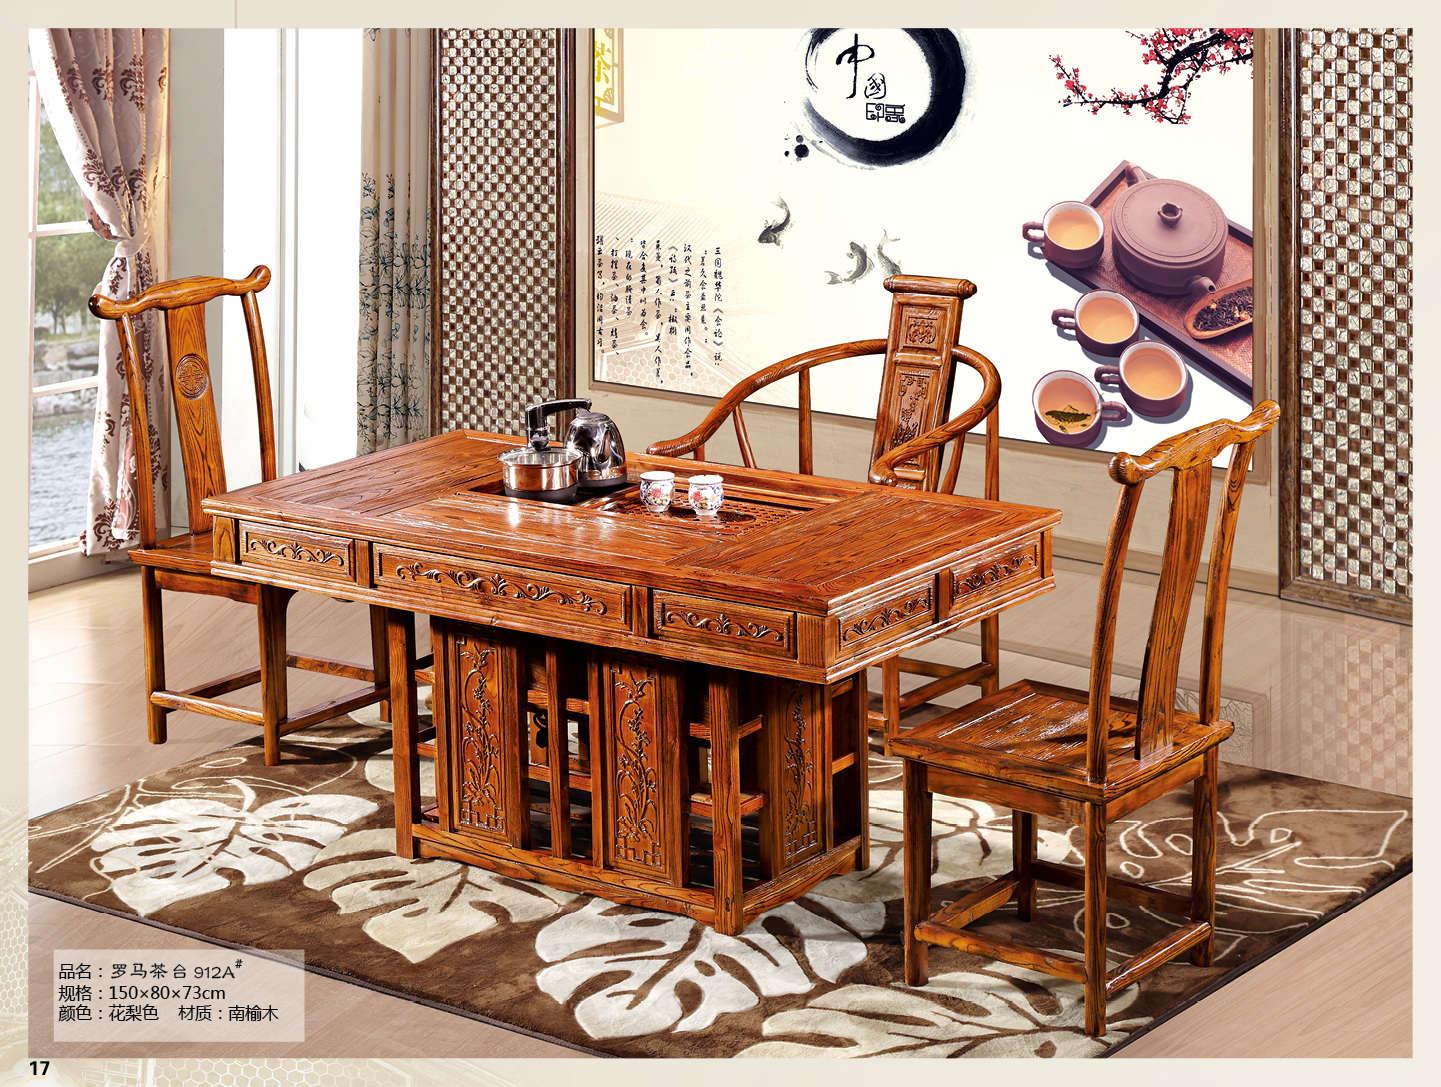 罗马茶台 - 三宝家具